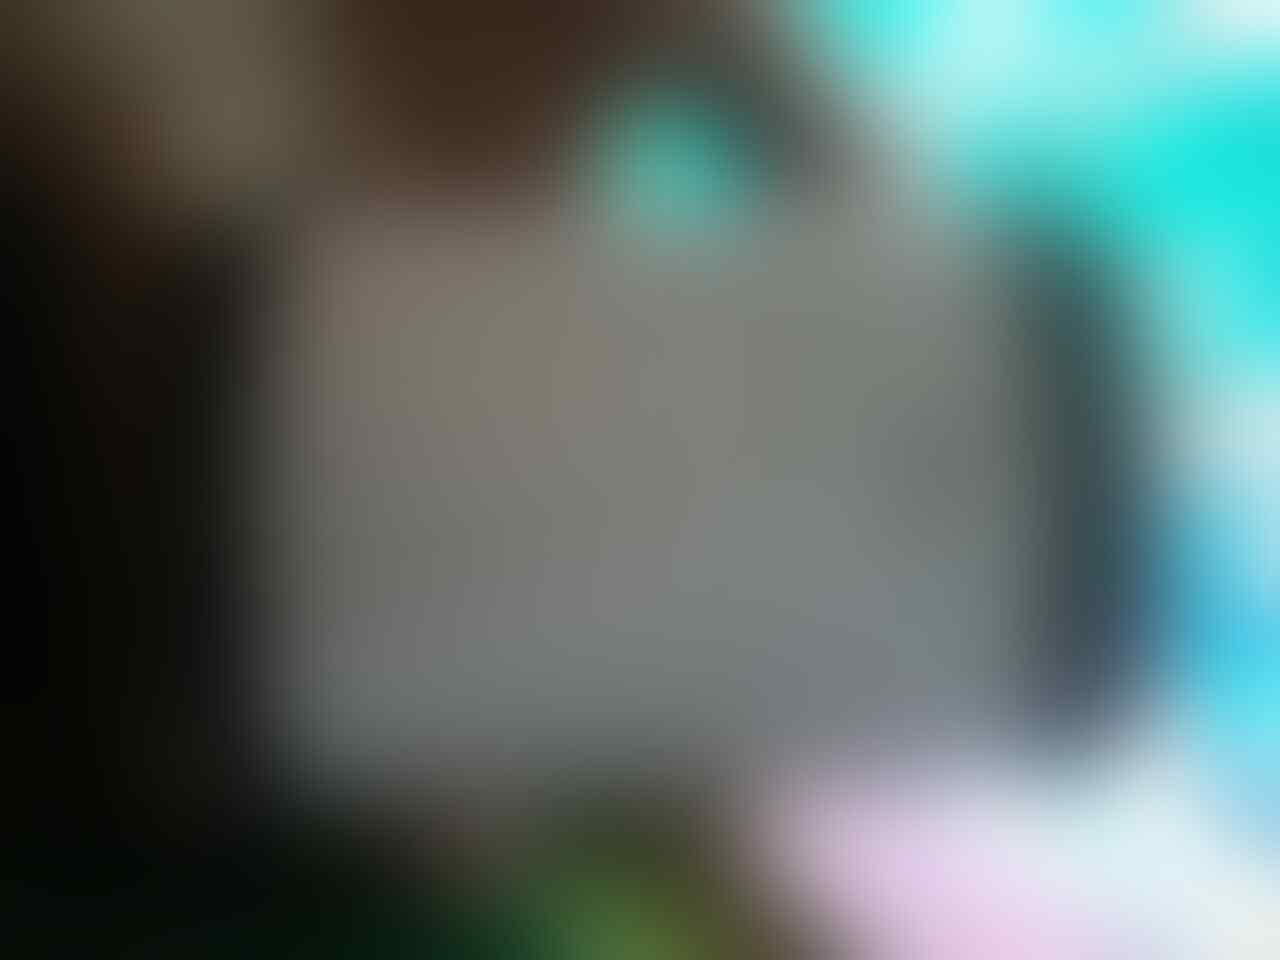 (WTS) Blackberry 8520 gemini gsm murmer (full dus) lancar jaya